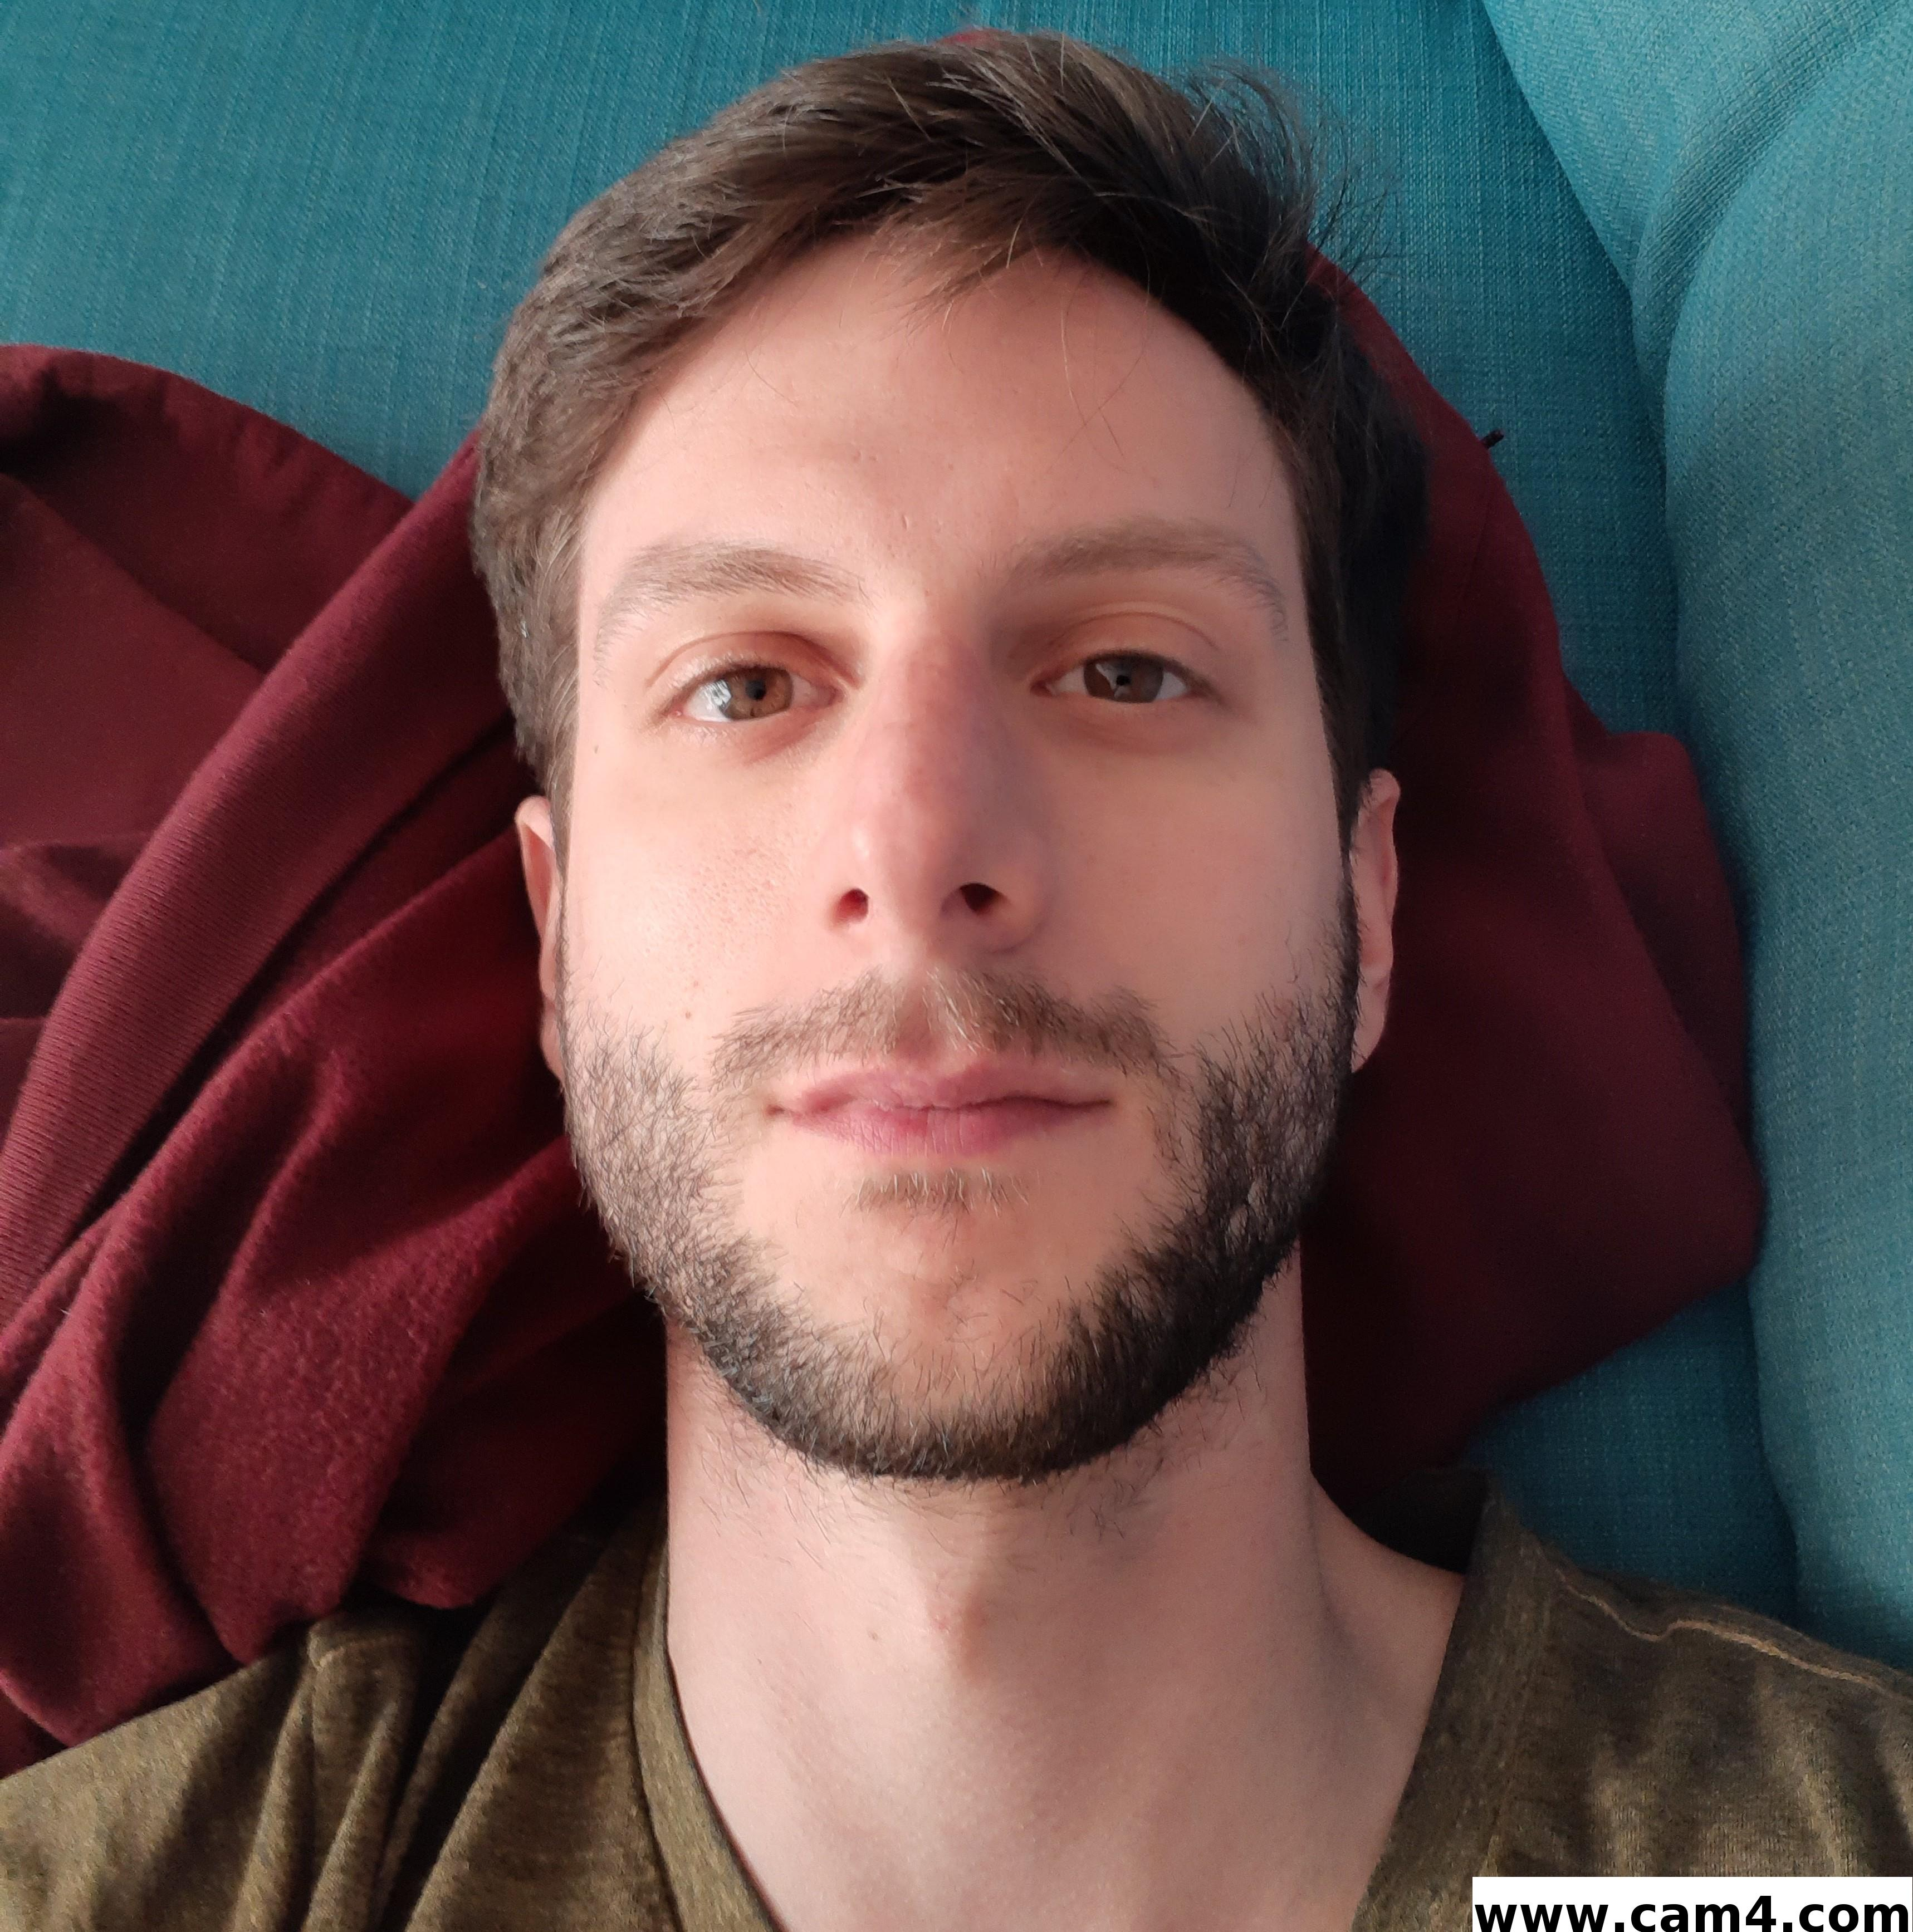 randomnewuse live cam on Cam4.com